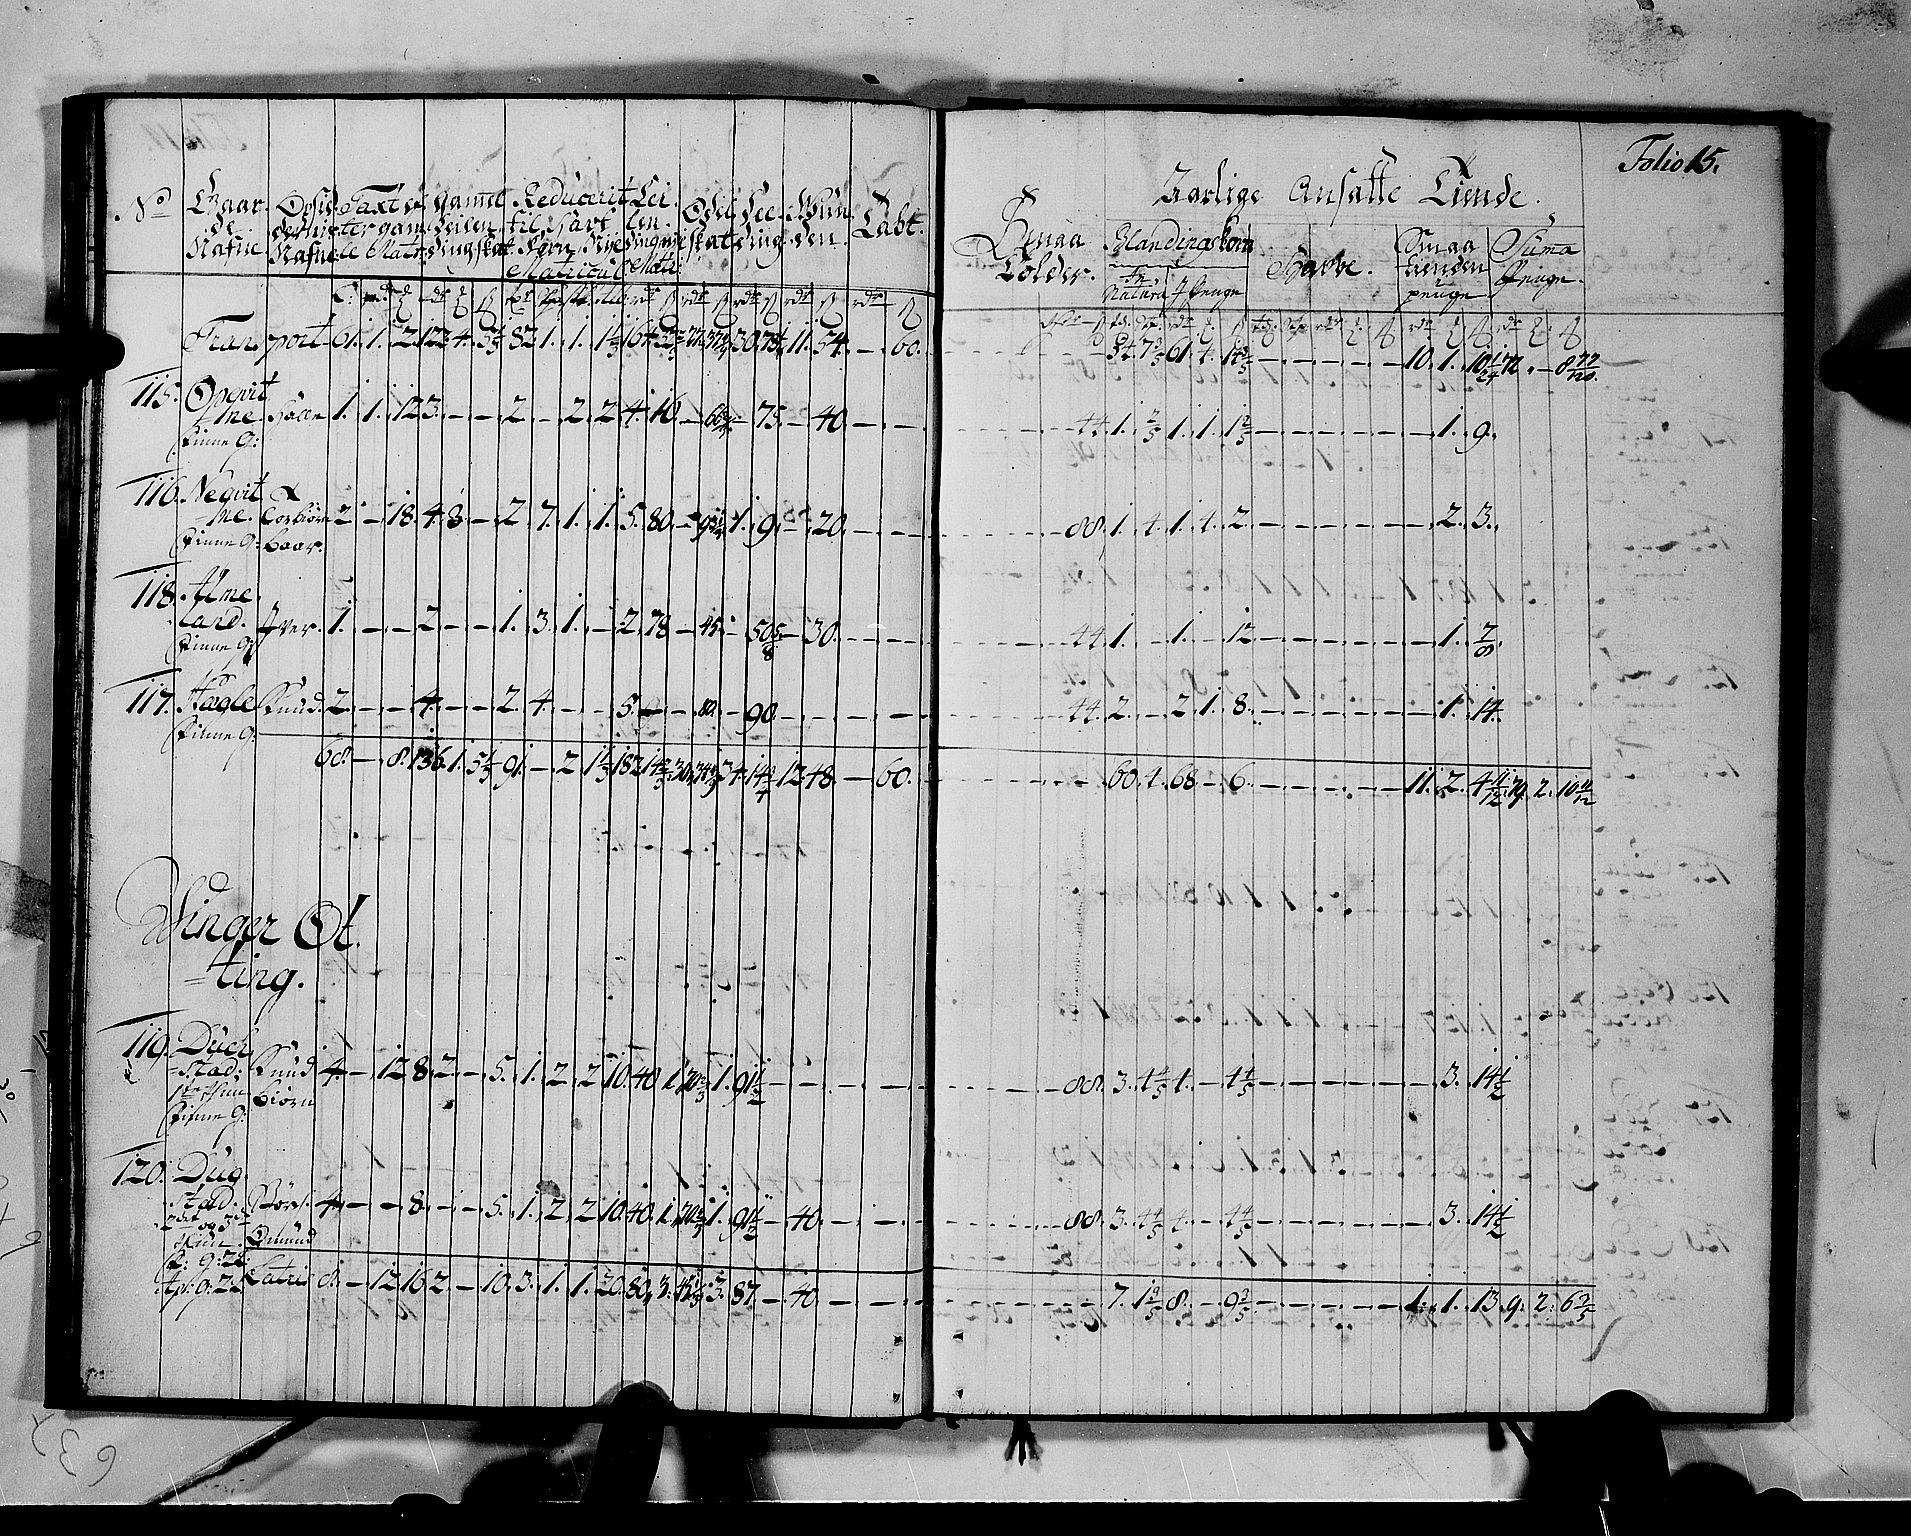 RA, Rentekammeret inntil 1814, Realistisk ordnet avdeling, N/Nb/Nbf/L0142: Voss matrikkelprotokoll, 1723, s. 14b-15a